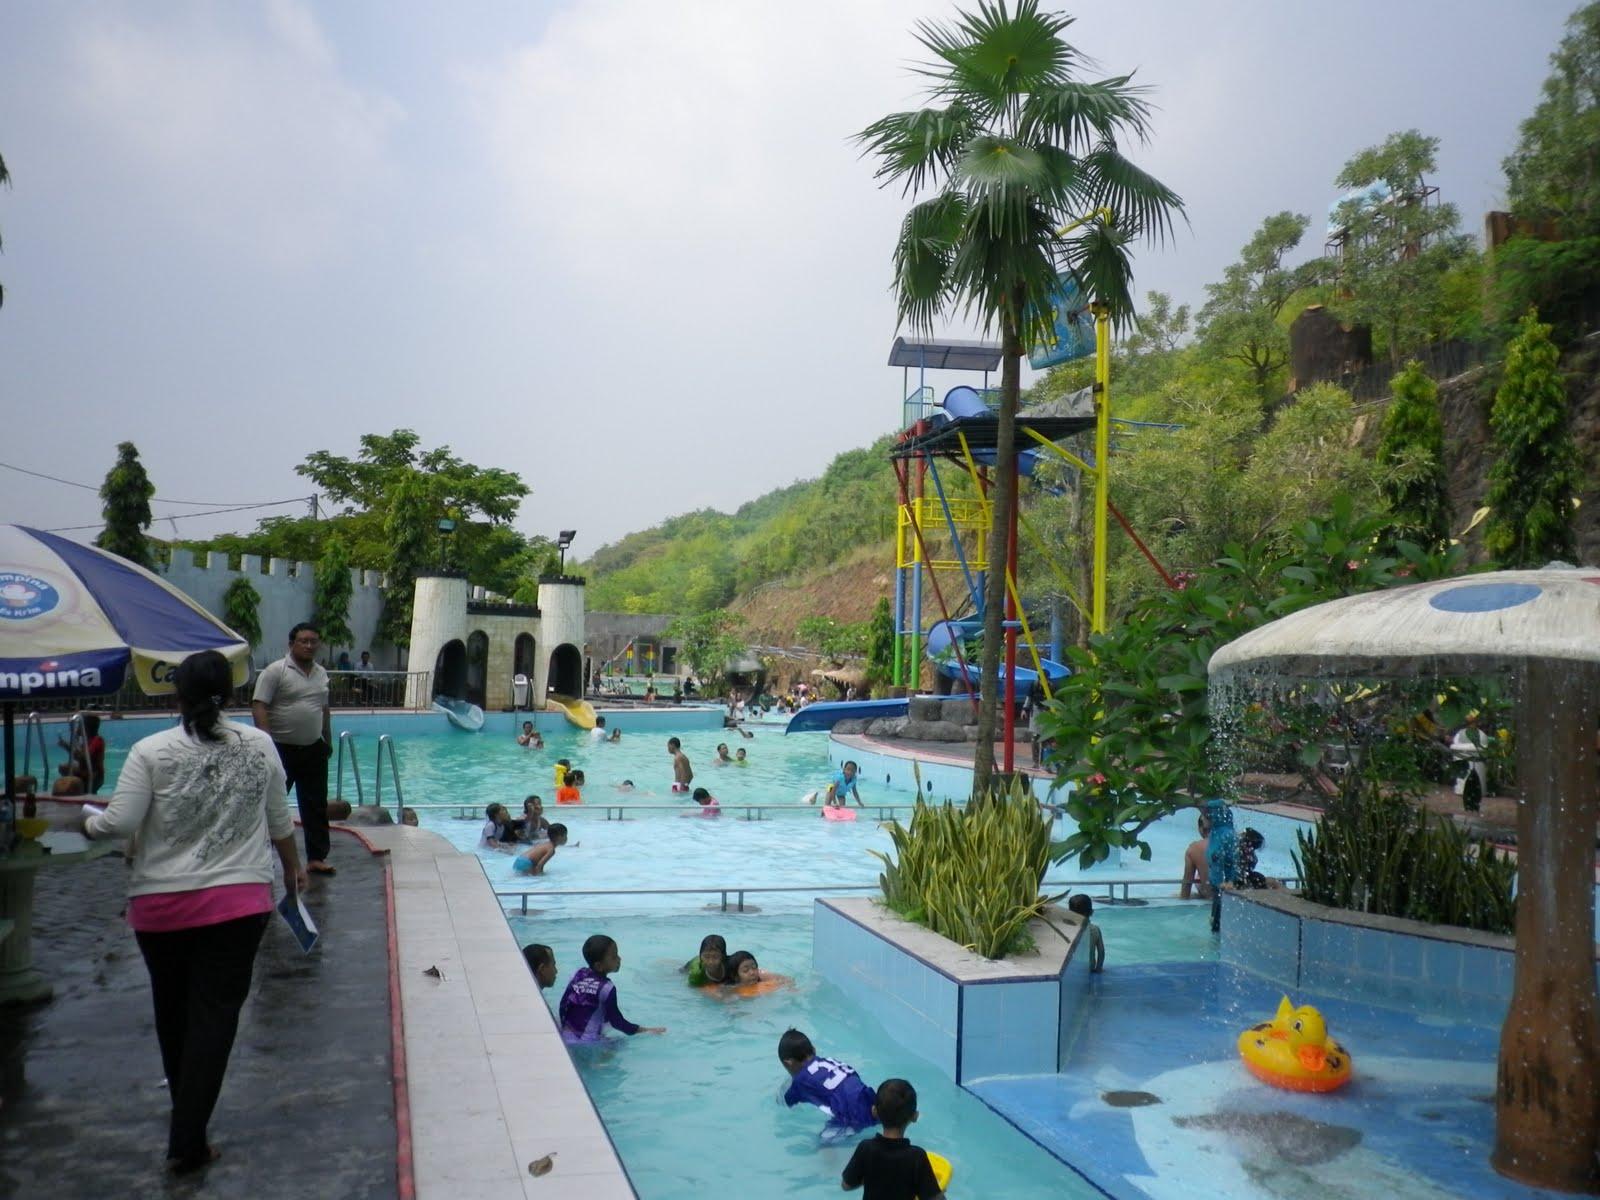 Wahana Rekreasi Wisata Bukit Awan Waterpark Gresik Harga Tiket Kab